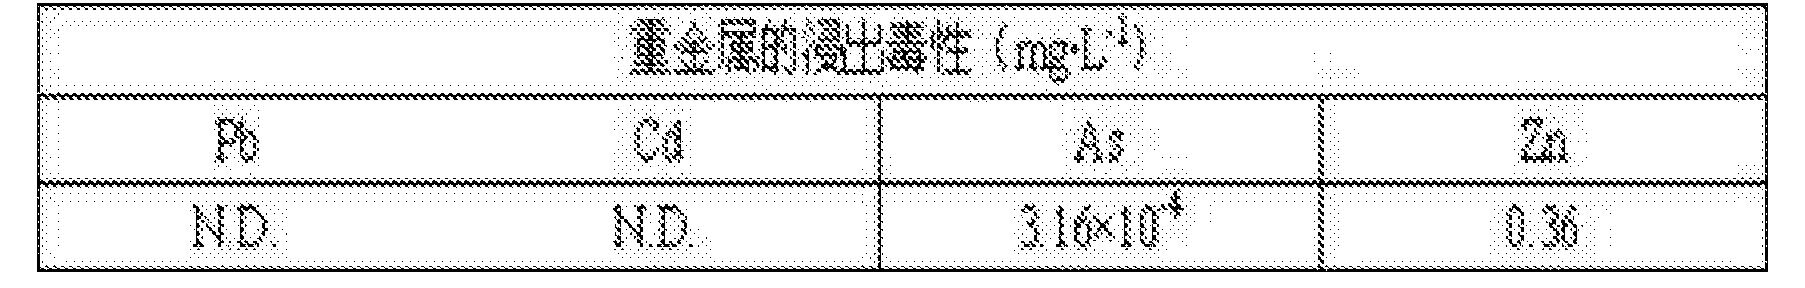 Figure CN104355558BD00094